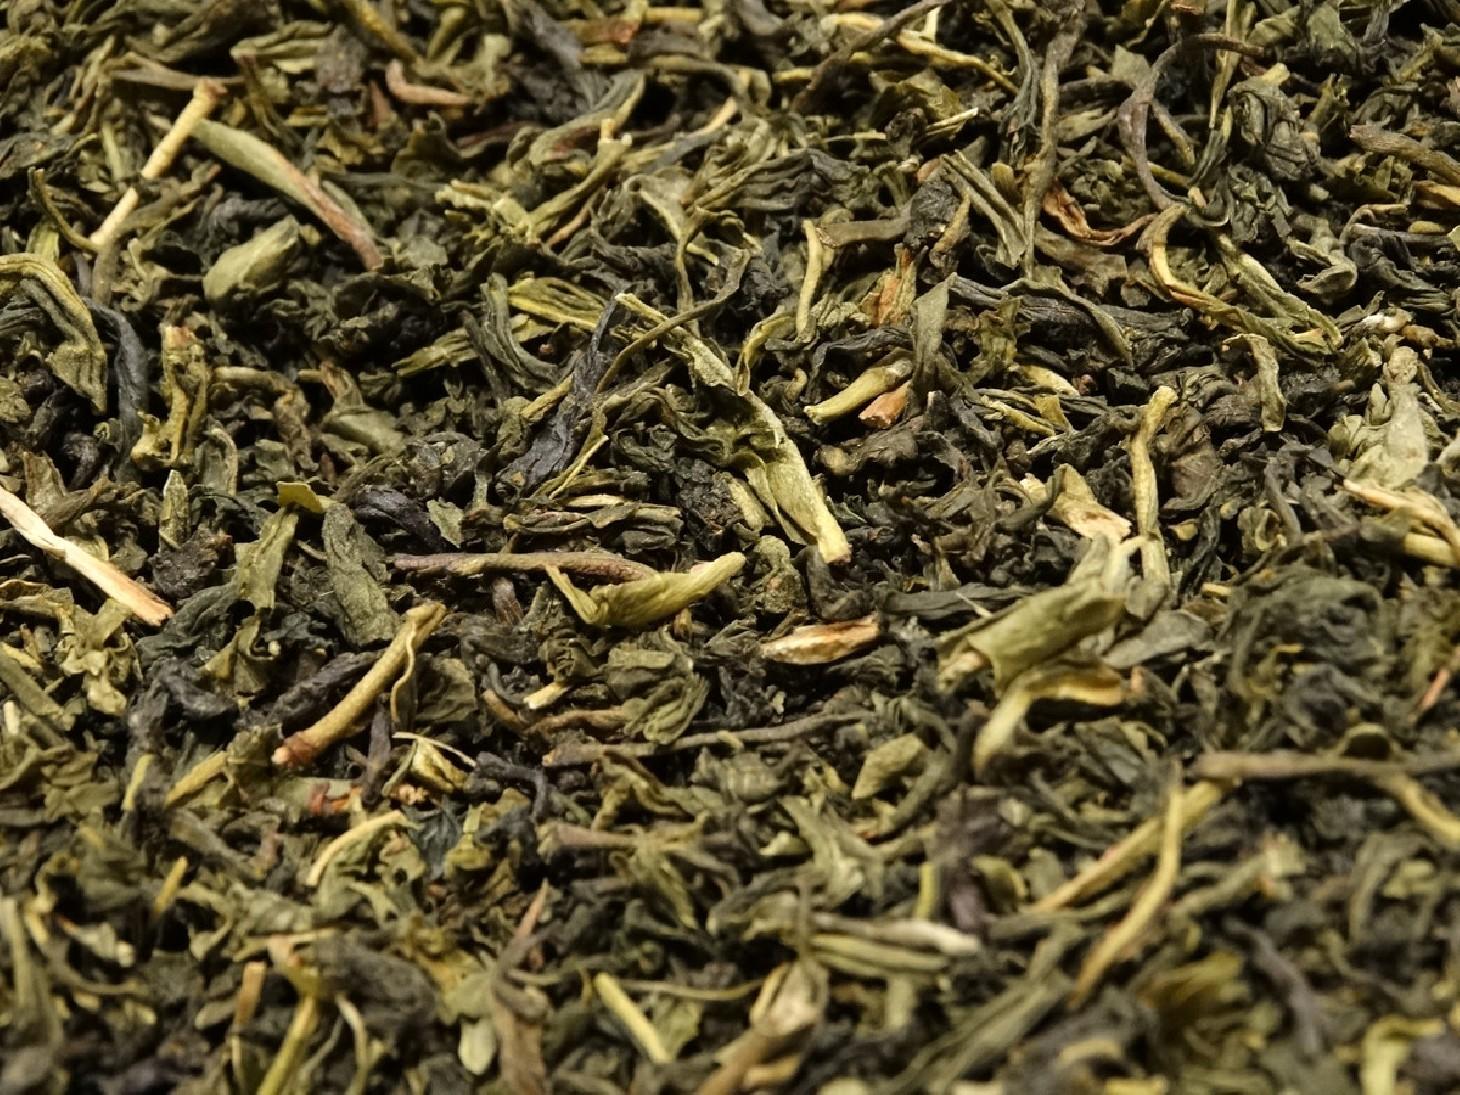 rare thé vert darjeeling Risheehat premium indu pure origine par Tea et Cie www.teacie.com